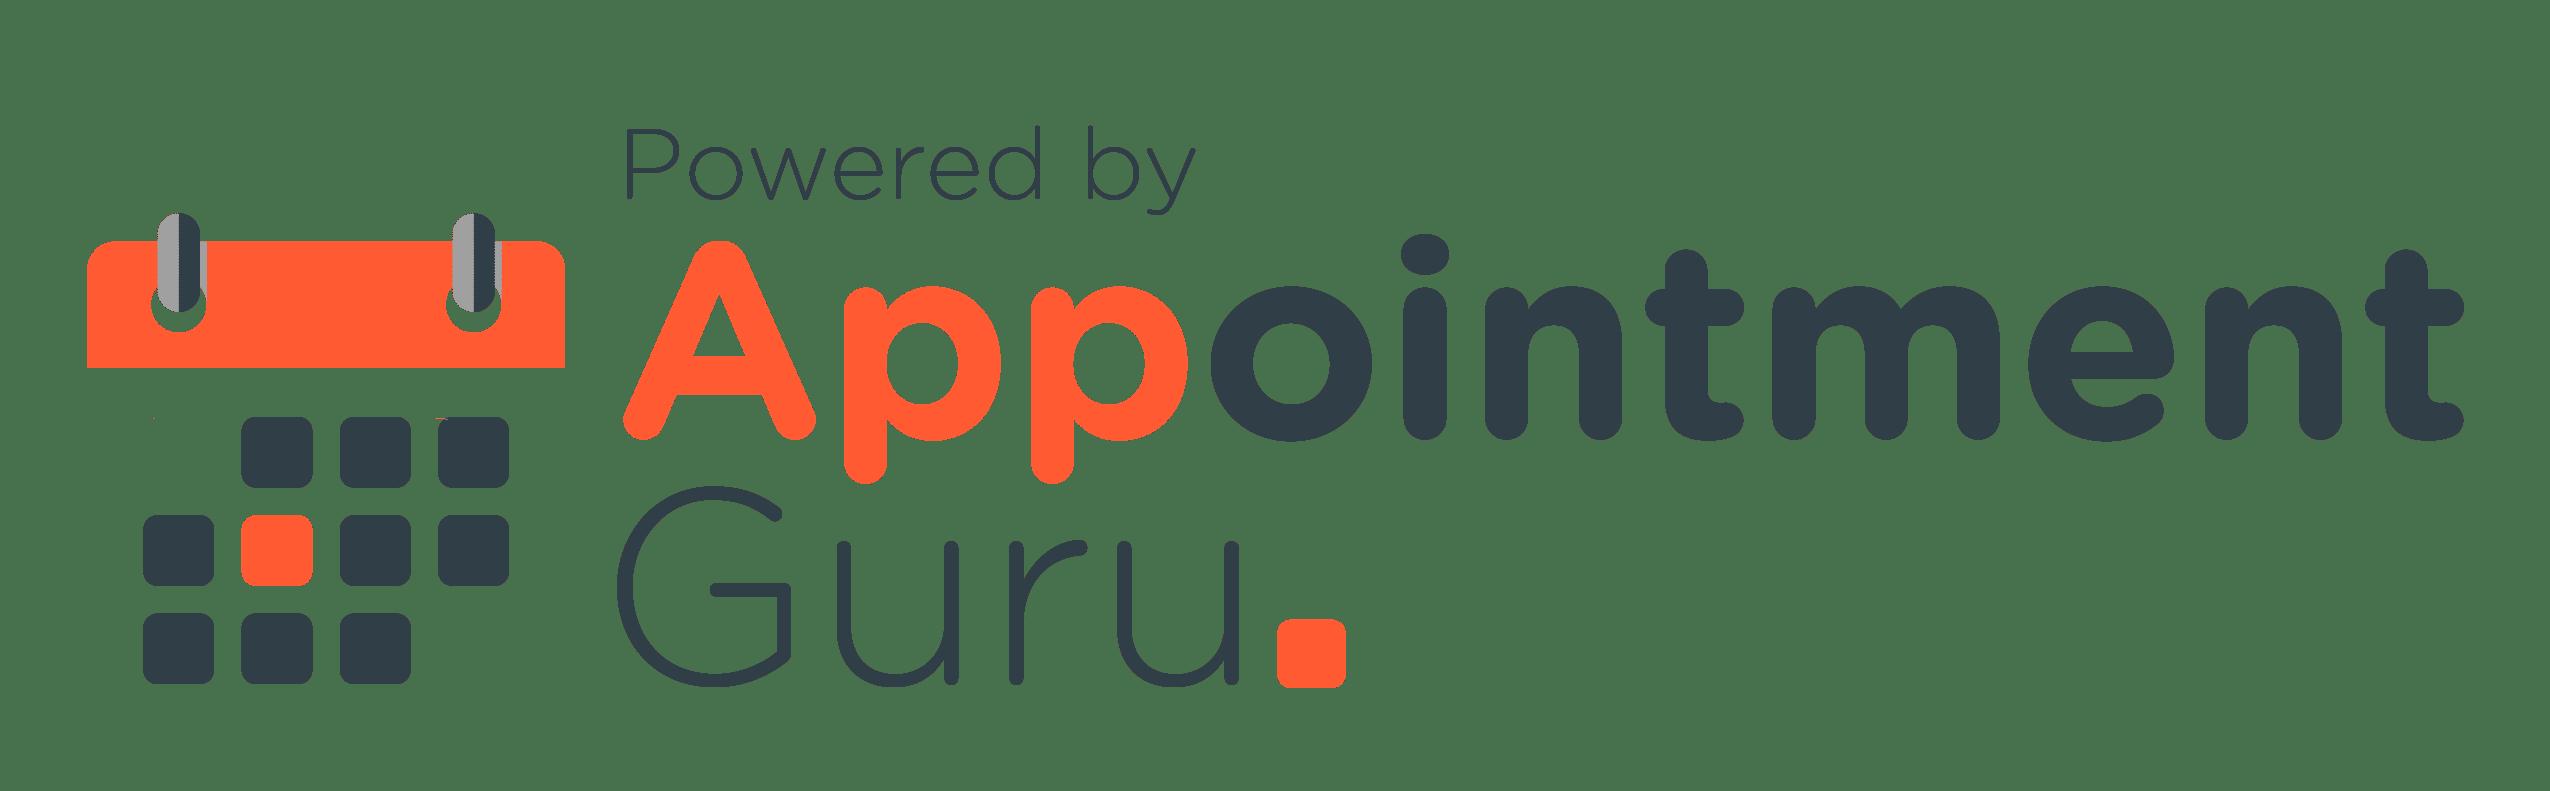 AppointmentGuru logo - powered by AppointmentGuru